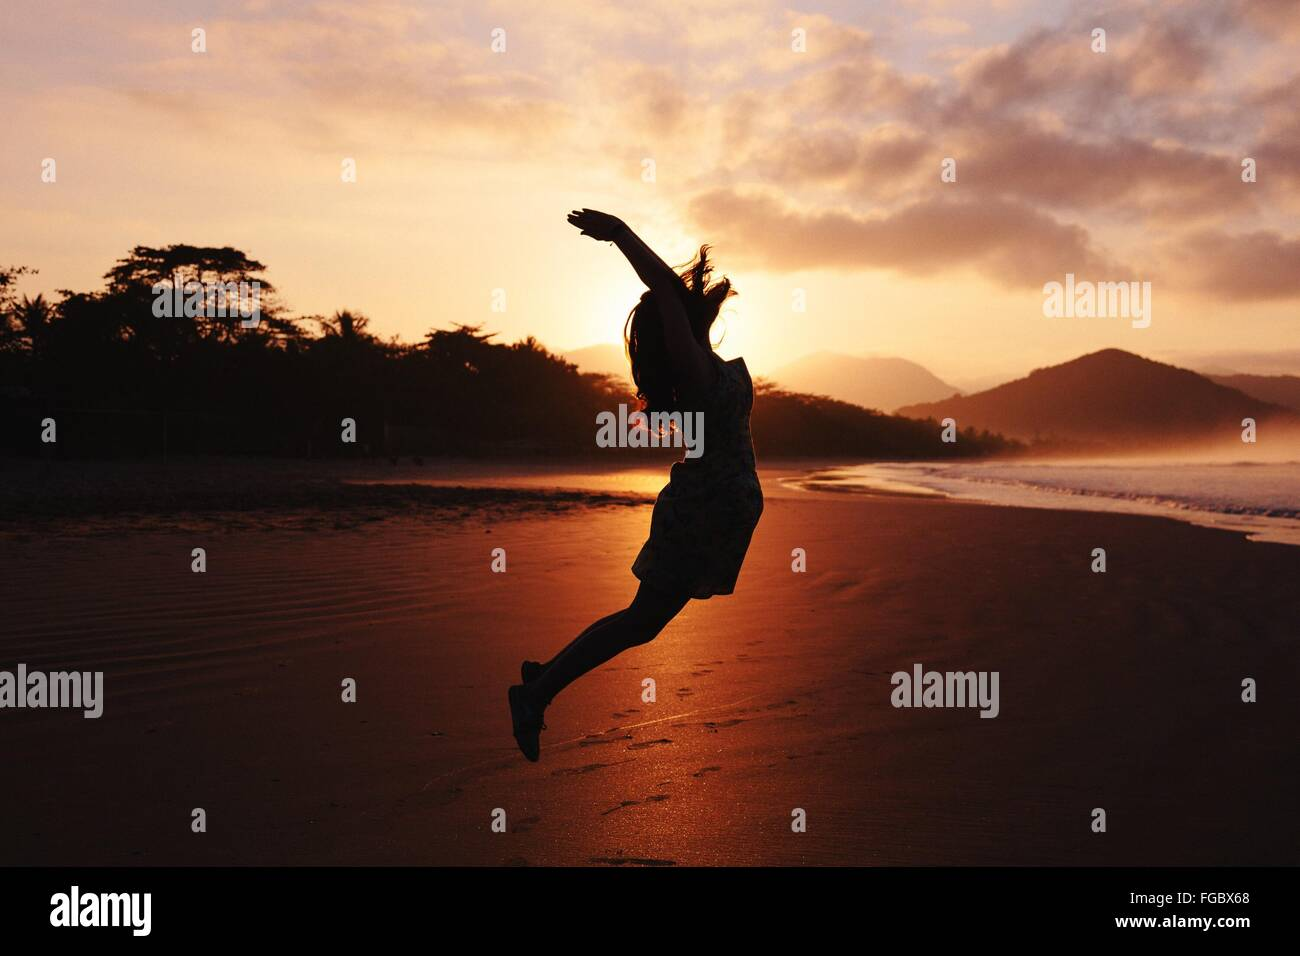 Vista lateral de la silueta de la mujer con los brazos levantados saltando en la playa Imagen De Stock